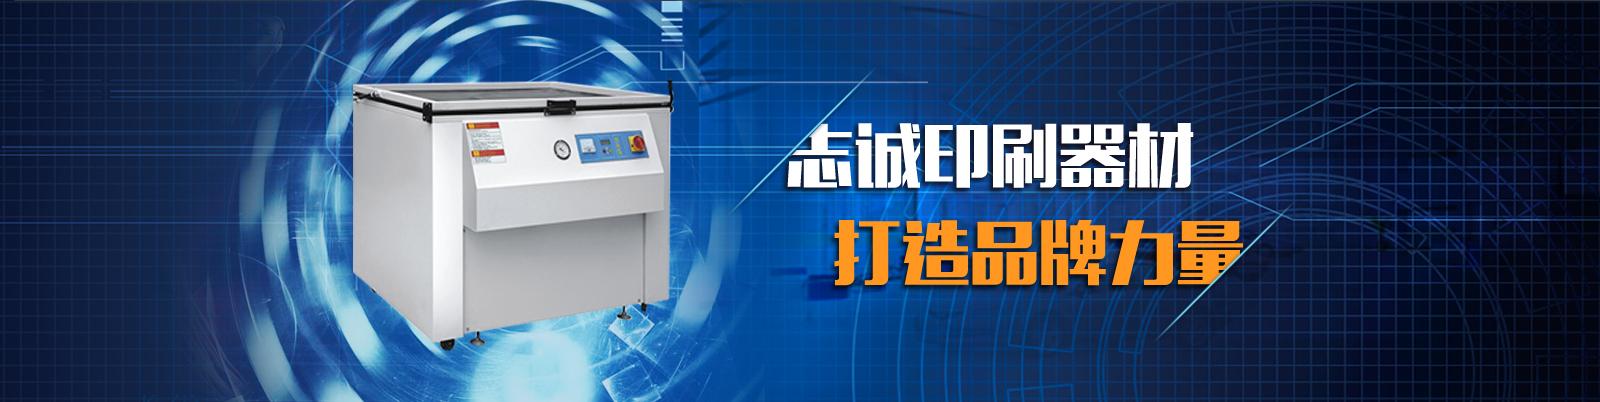 洛阳市老城区陈志诚印刷器材商行